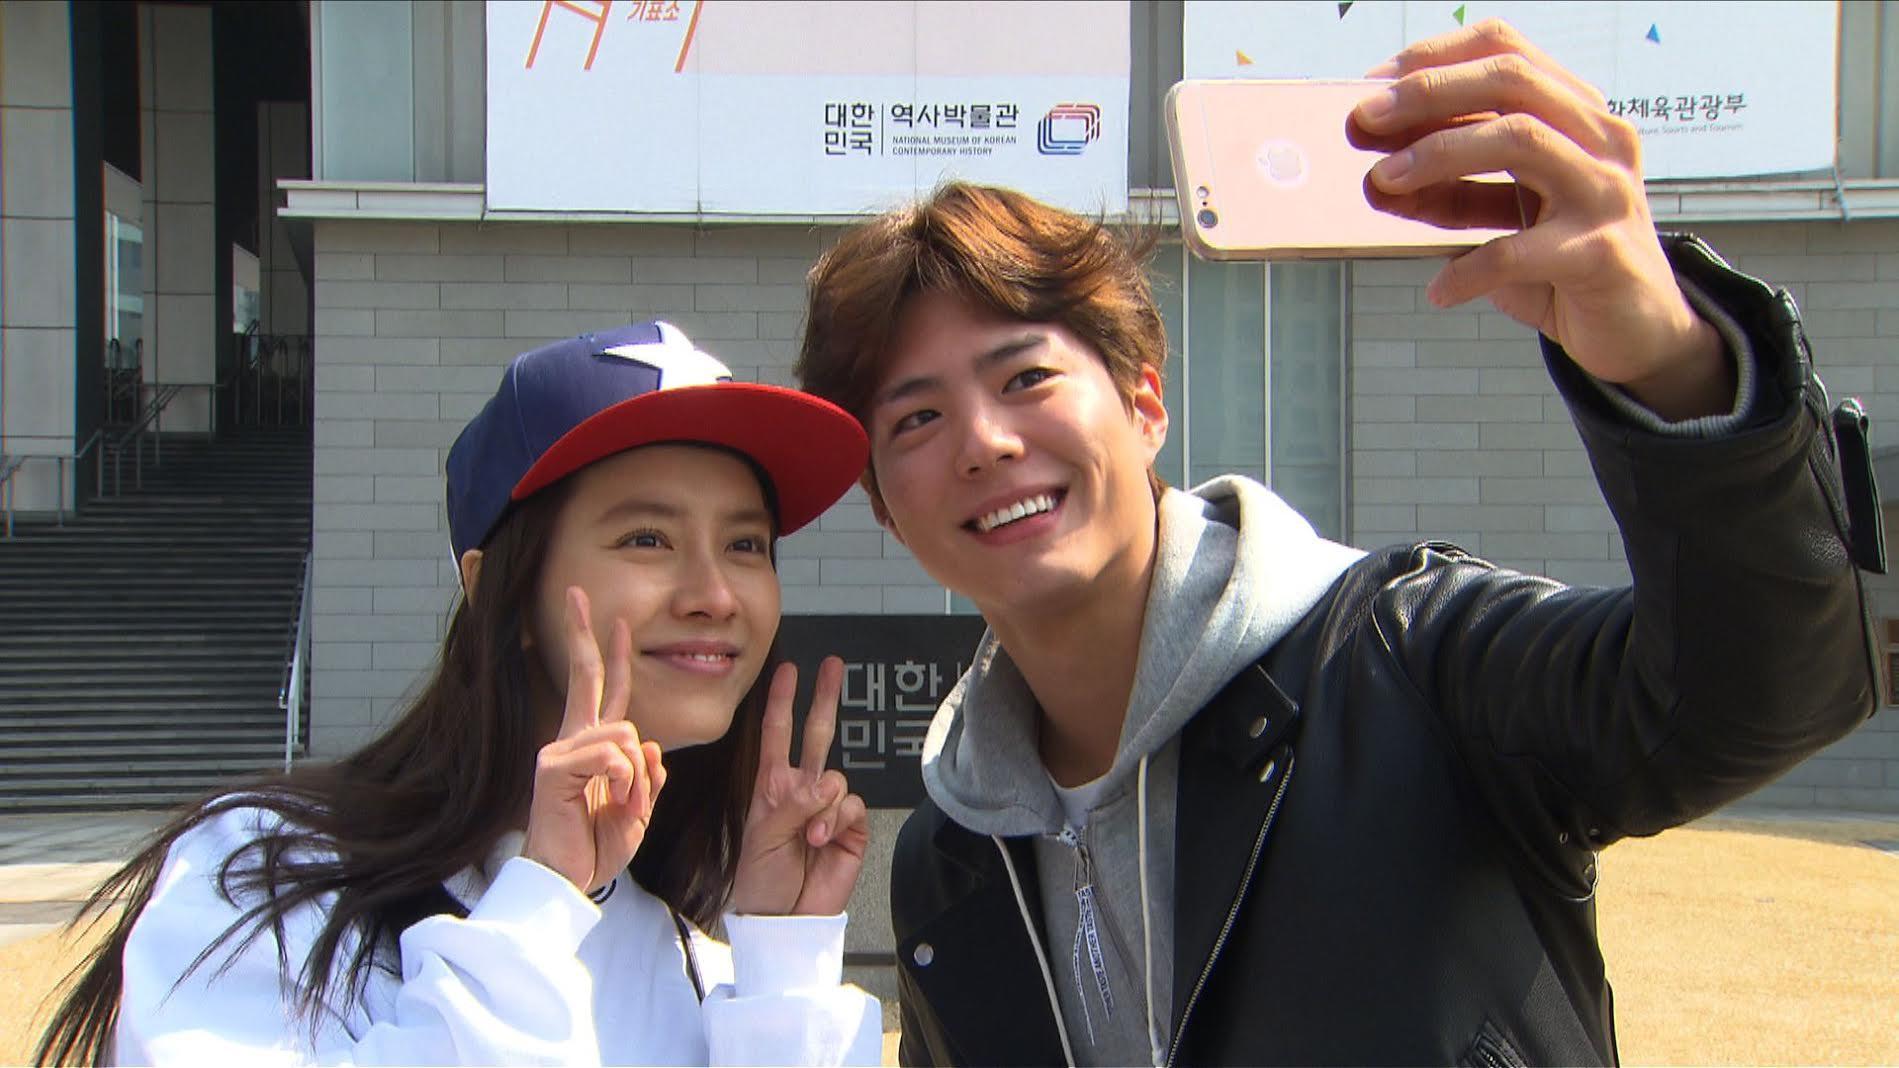 Dàn diễn viên Encounter: Toàn những gương mặt lười đi show nhất nhì làng giải trí Hàn Quốc - Ảnh 2.